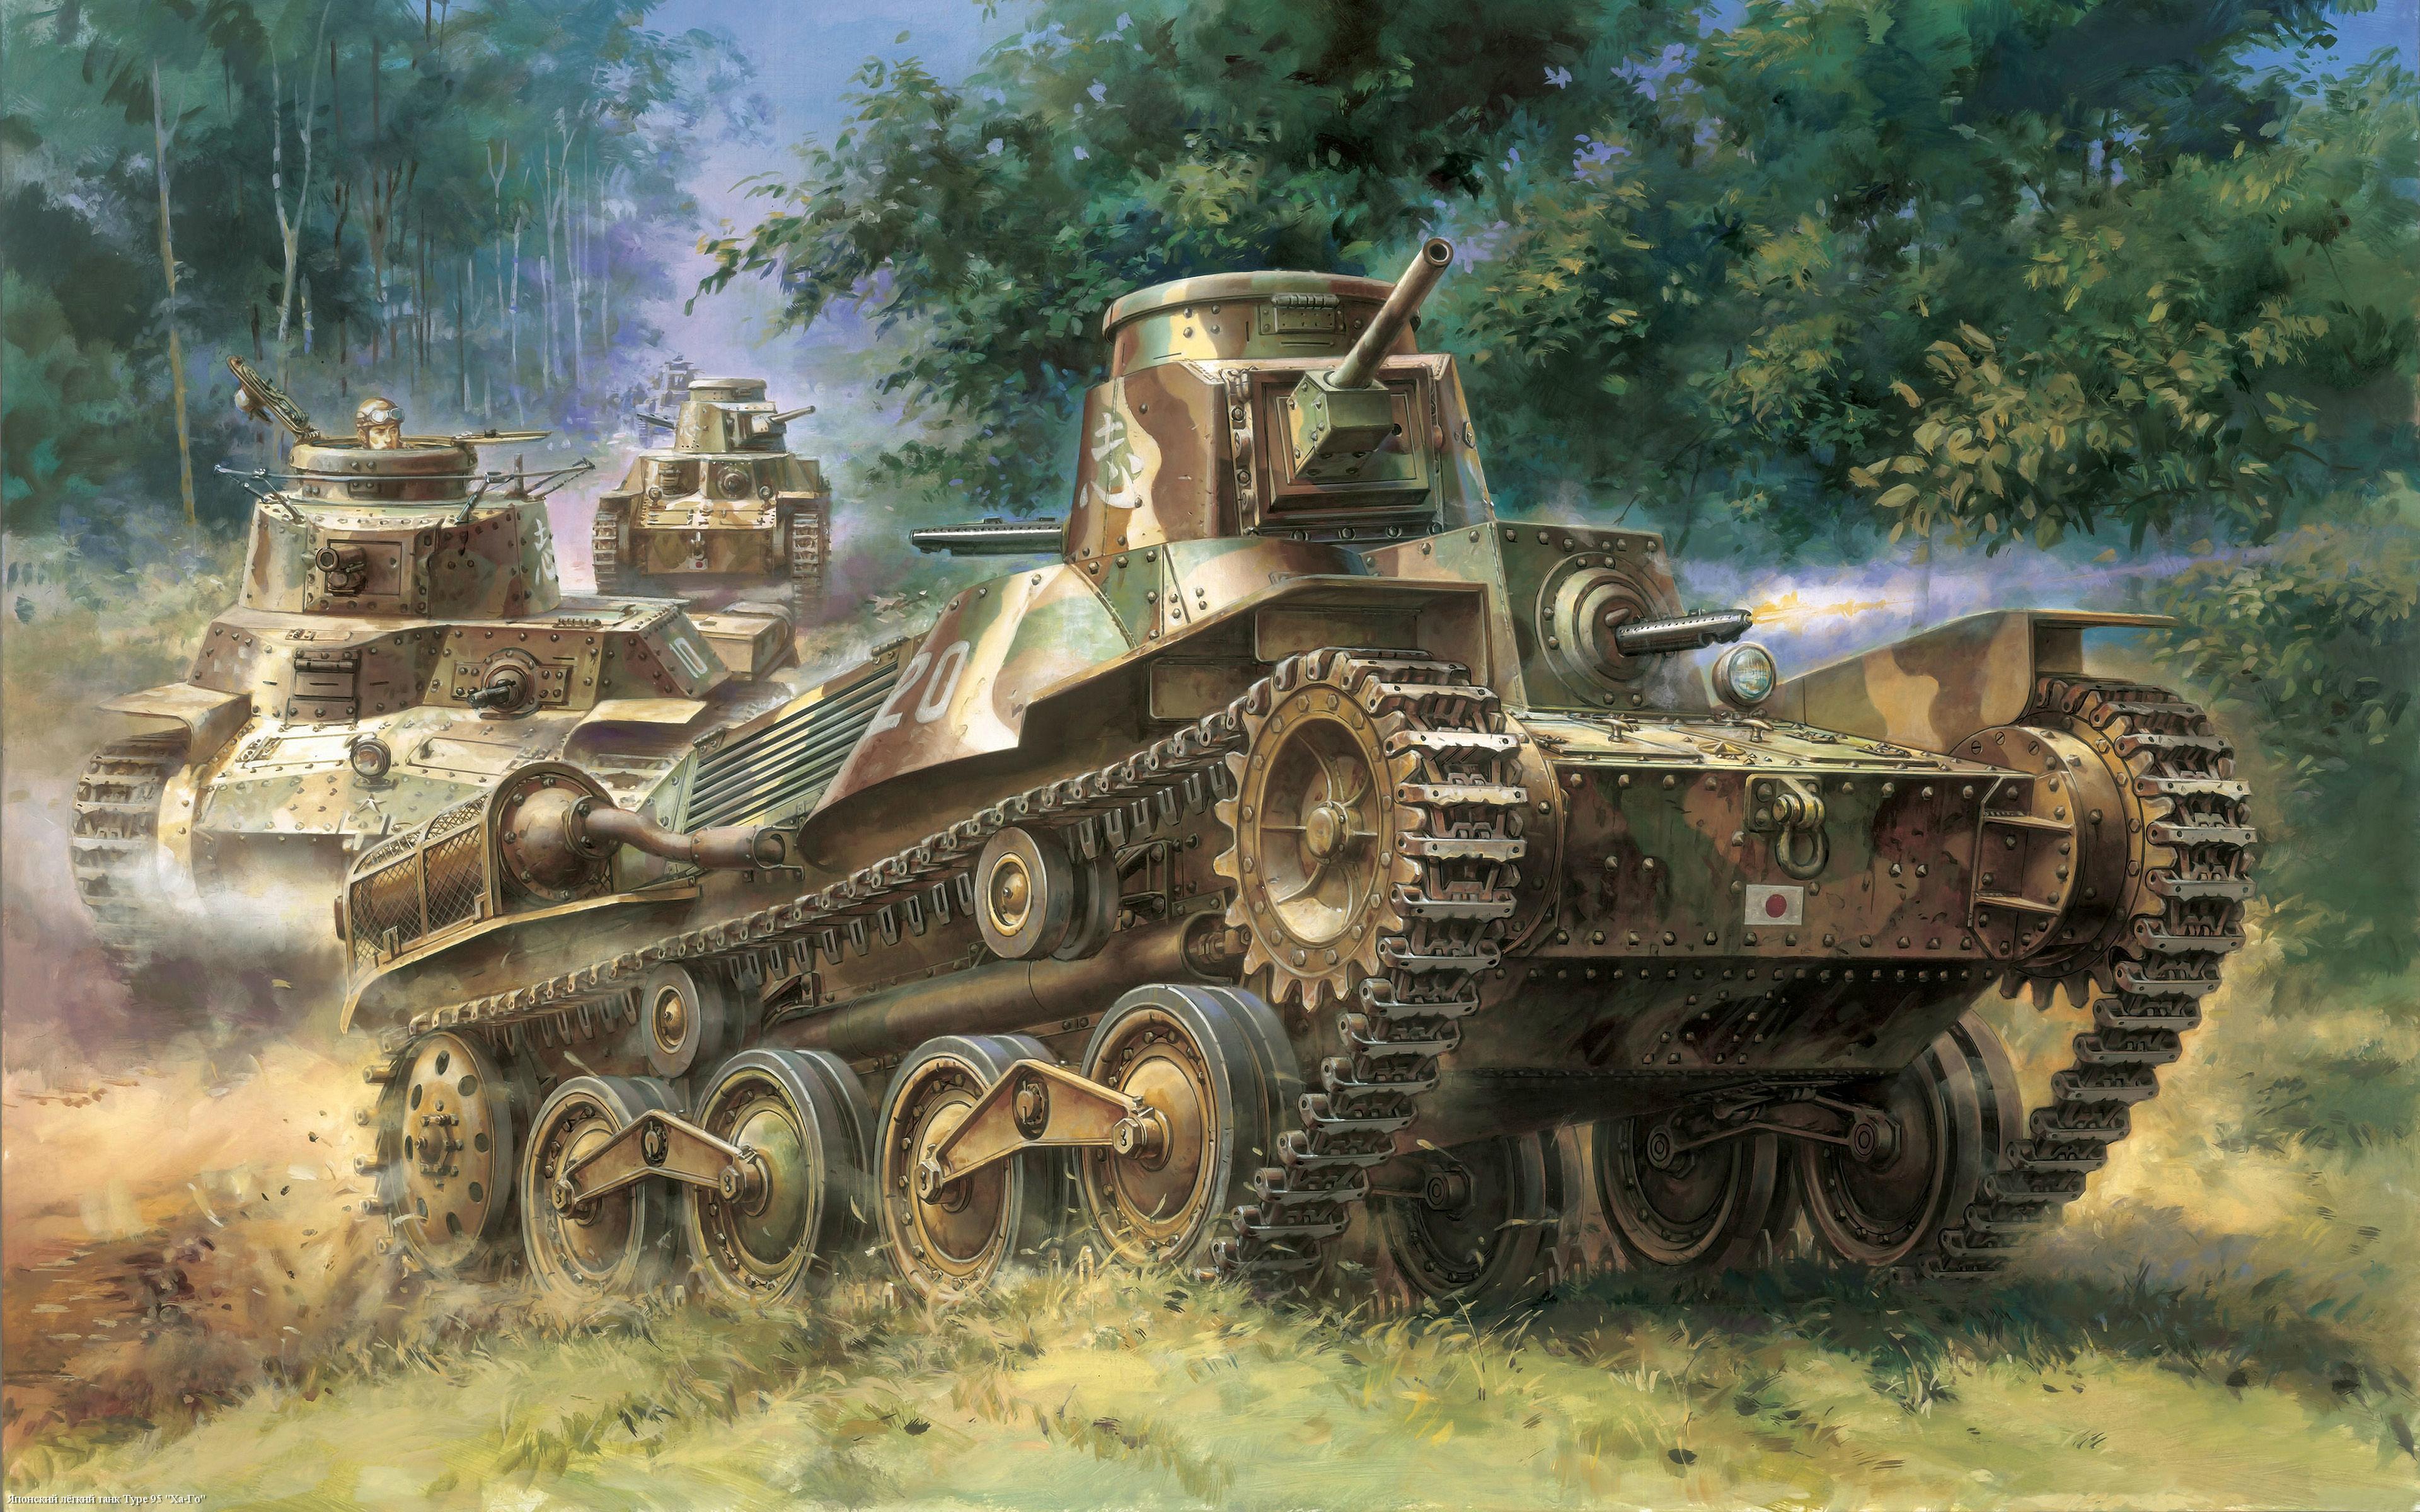 壁紙 3840x2400 戦車 描かれた壁紙 type 95 陸軍 ダウンロード 写真